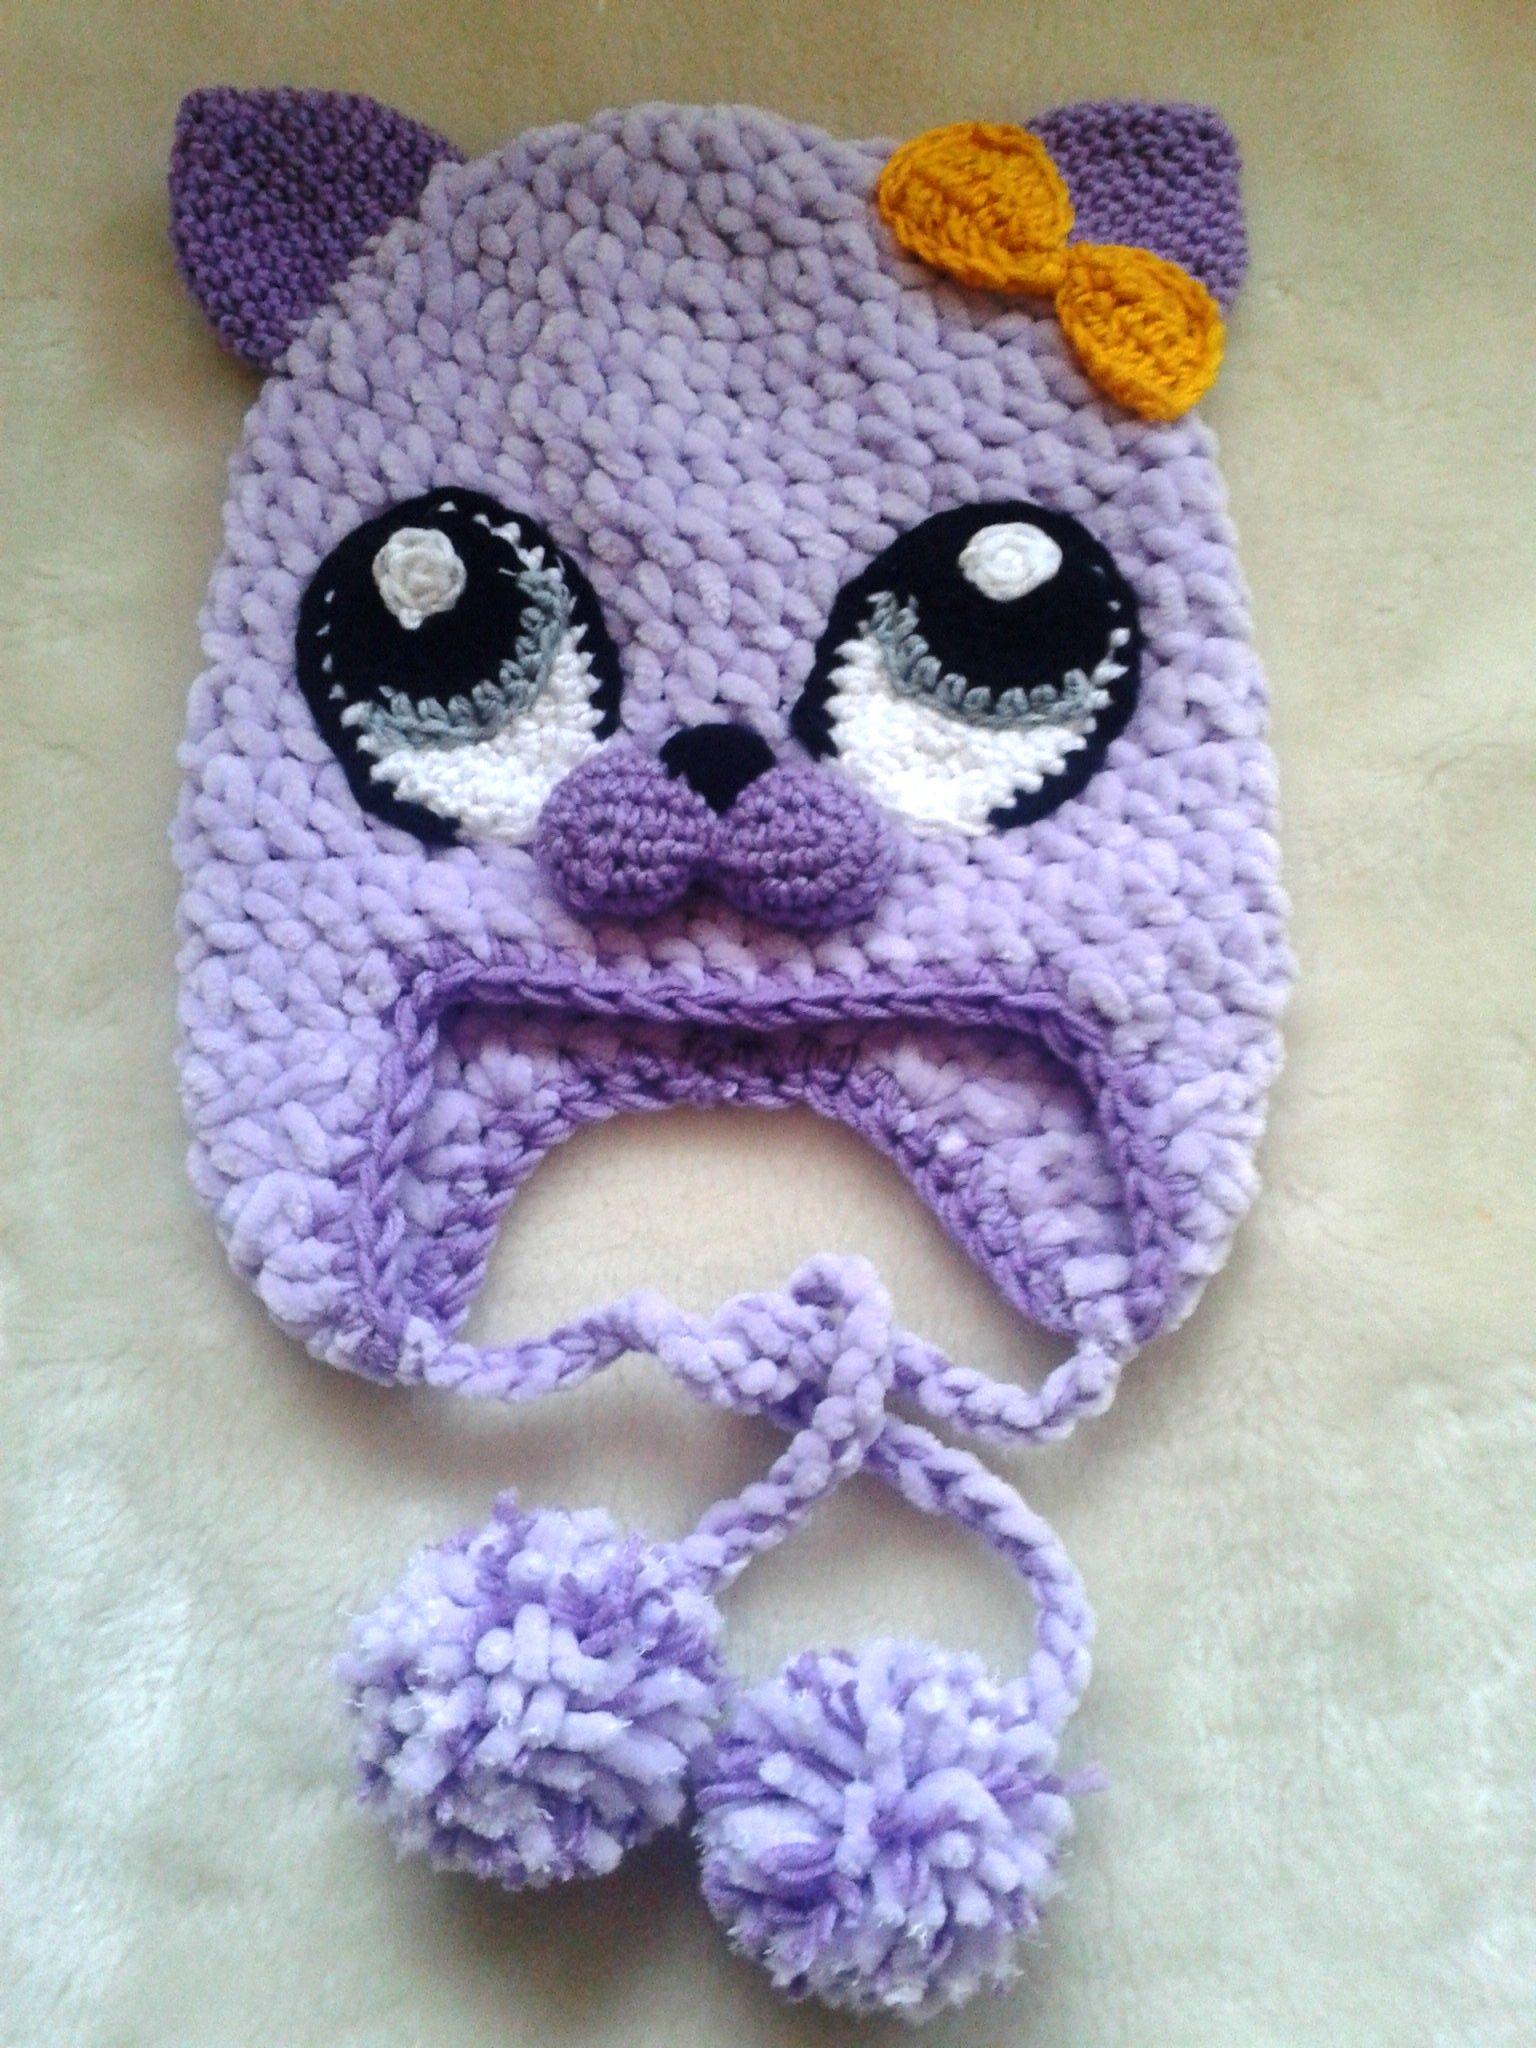 Pin de Tammy Smith en baby | Pinterest | Gorros, Tejido y Gorros crochet